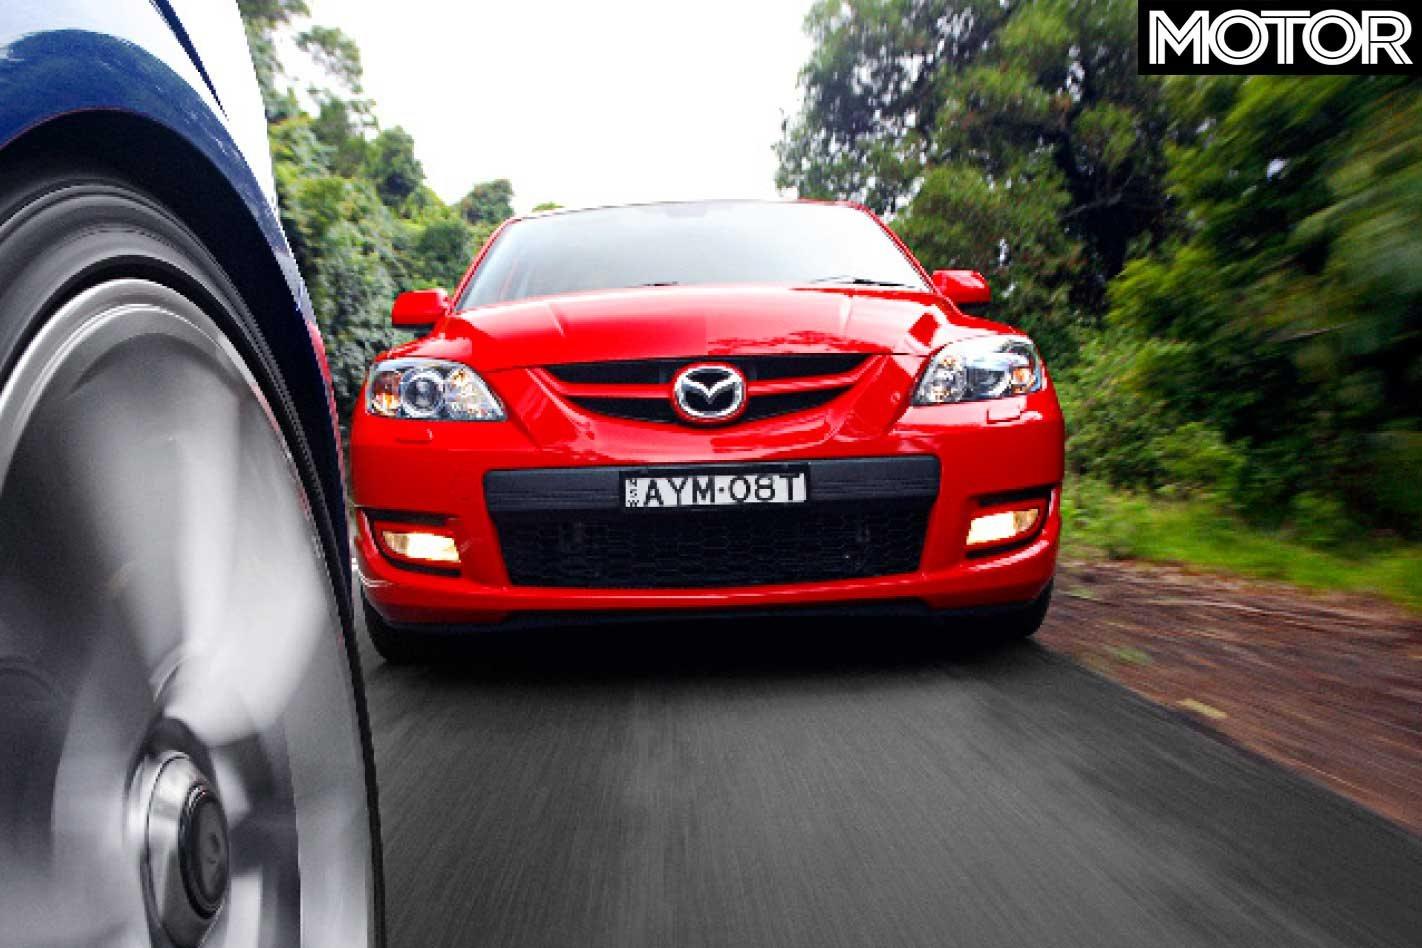 2007 HSV Astra VXR vs Mazda 3 MPS comparison review: classic